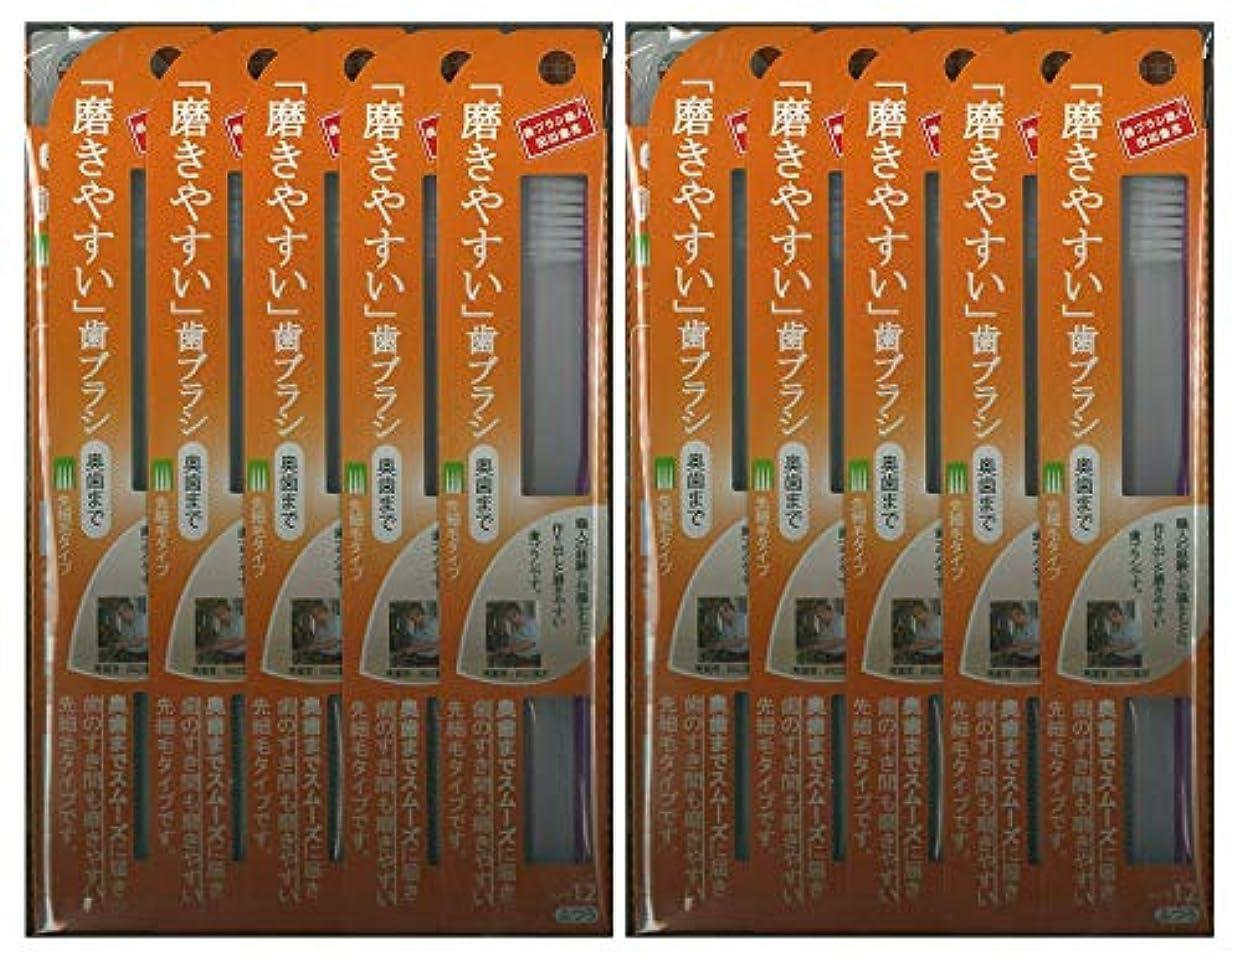 狐センチメートル覚醒歯ブラシ職人 田辺重吉考案 磨きやすい歯ブラシ ふつう (奥歯まで)先細 LT-12 1本入×24本セット